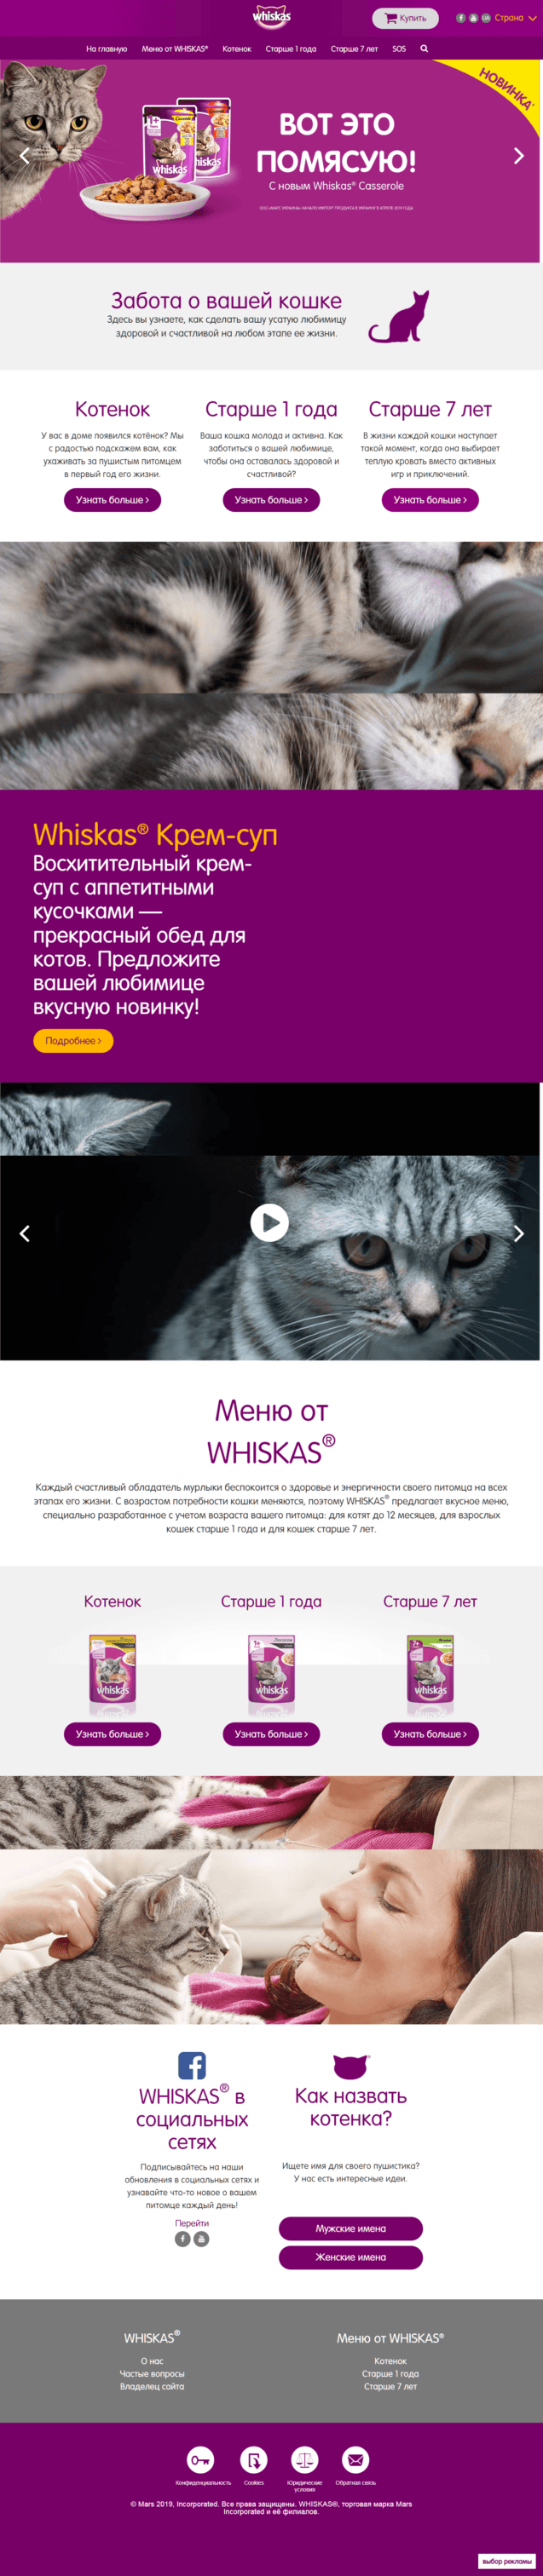 Пример текста для ЦА - владельцев кошек